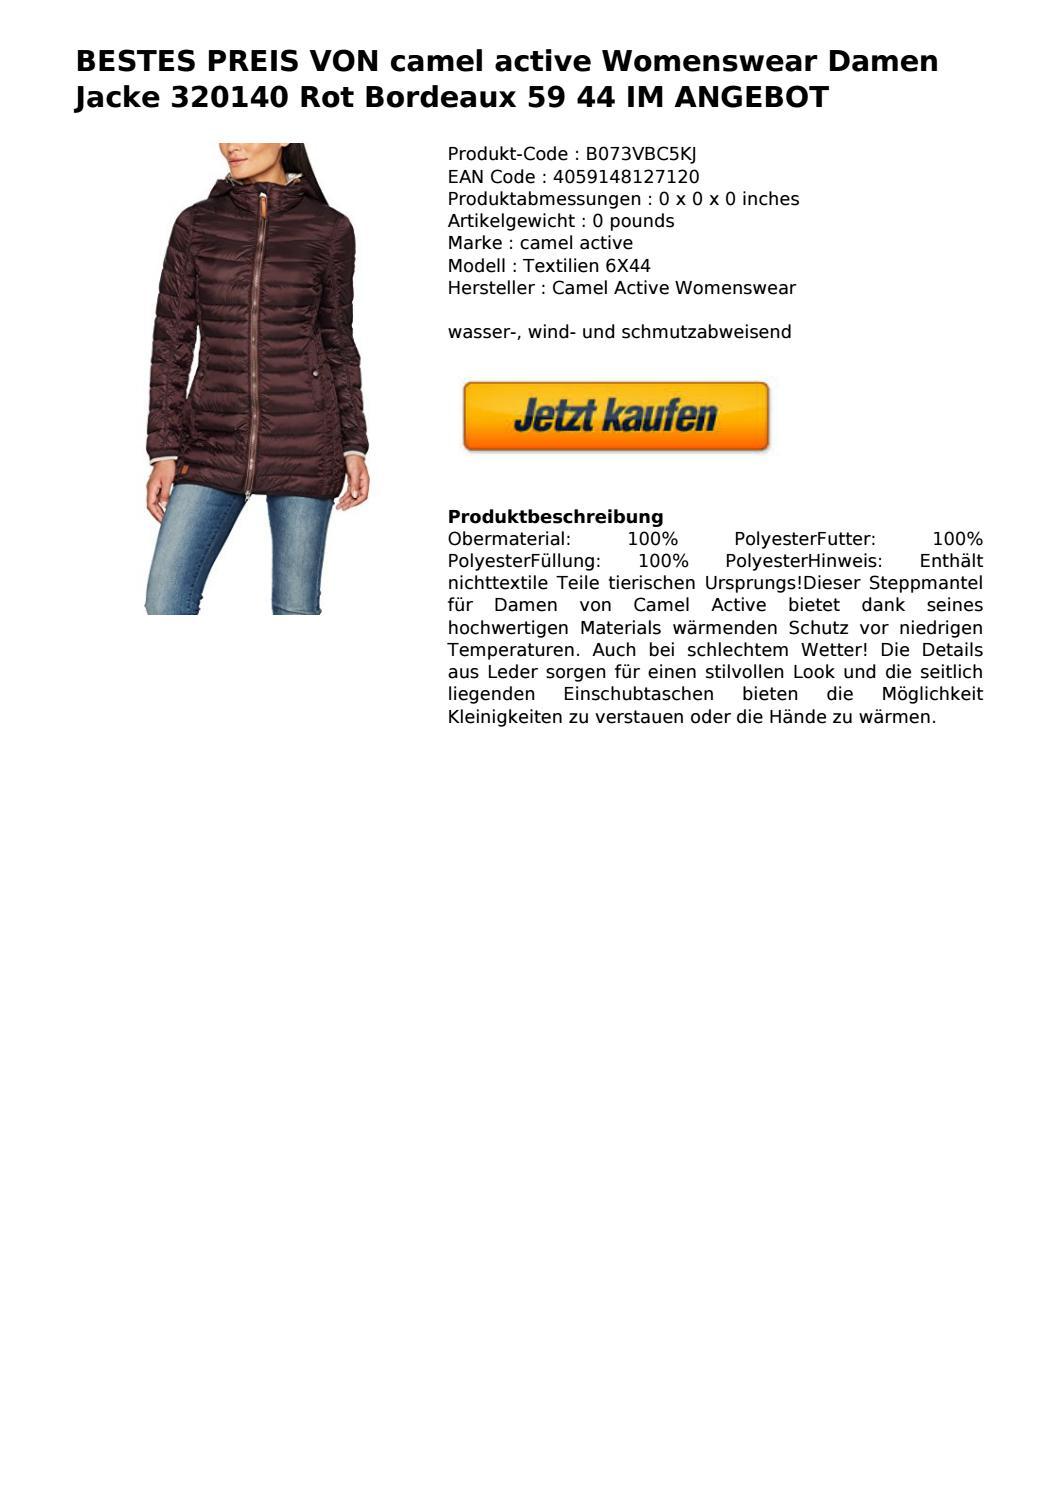 bestes preis von camel active womenswear damen jacke 320140